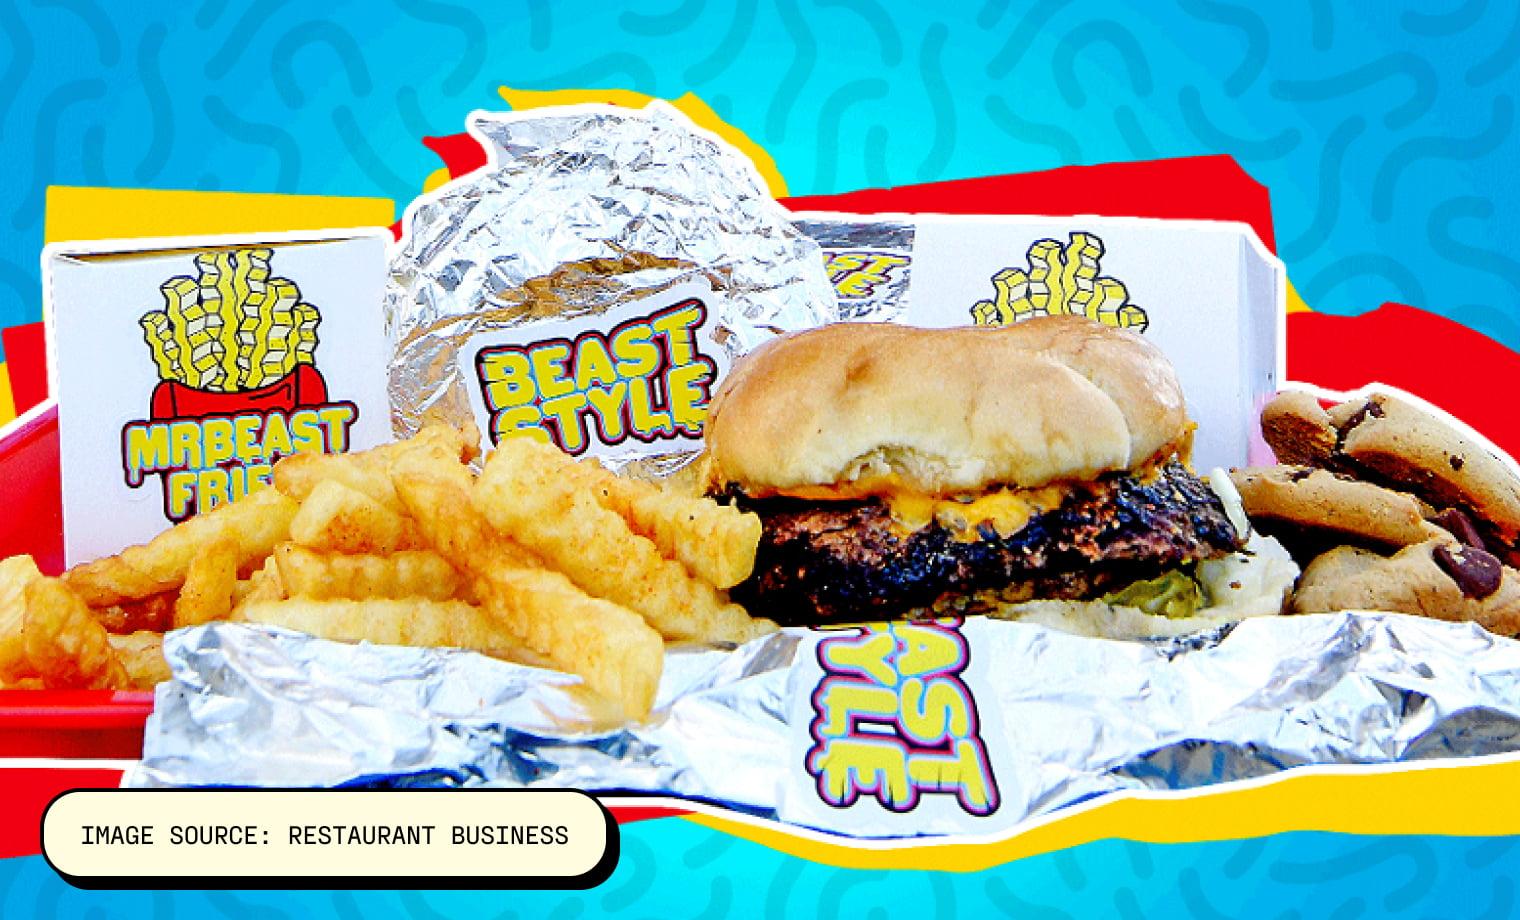 MrBeast Burger Image source: Restaurant Business